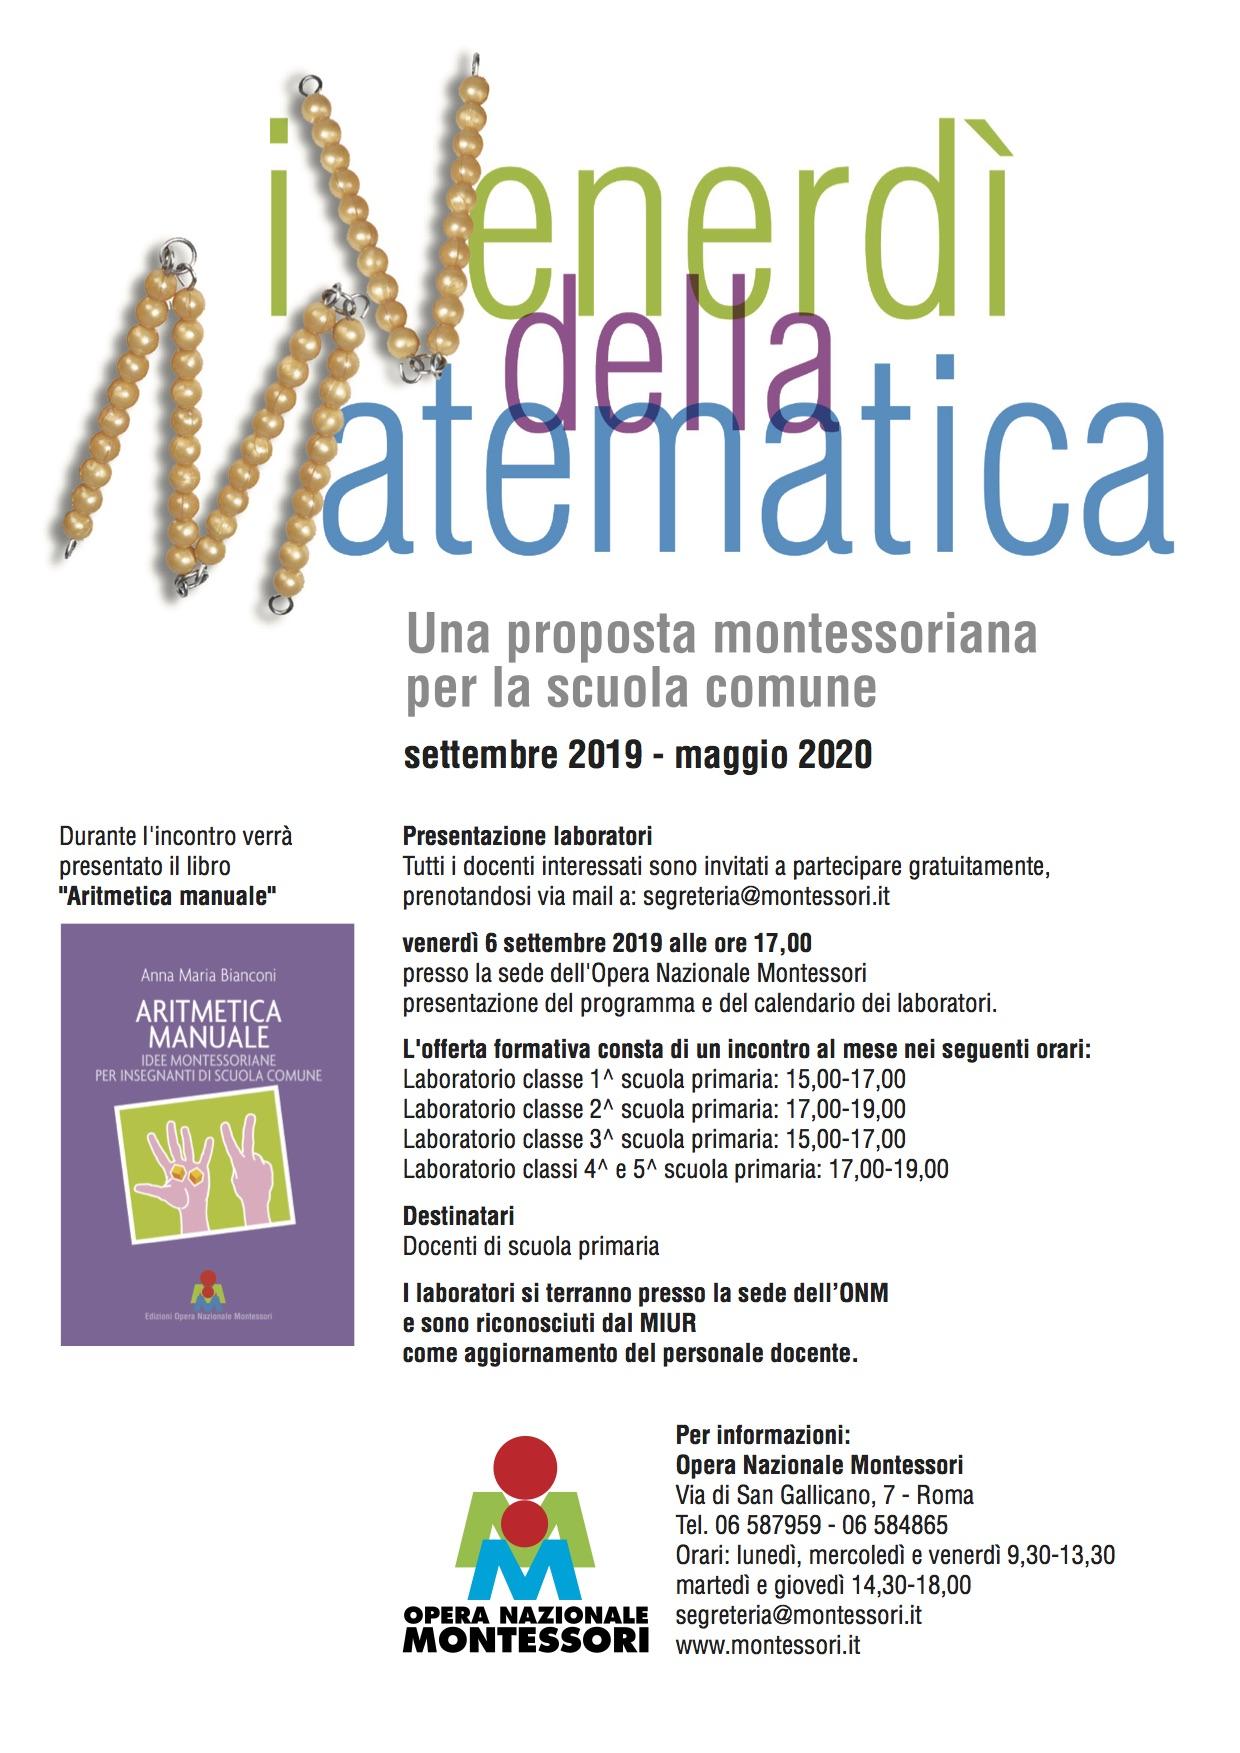 Calendario Mensile Settembre 2020.Roma 6 Settembre 2019 Presentazione Laboratori I Venerdi